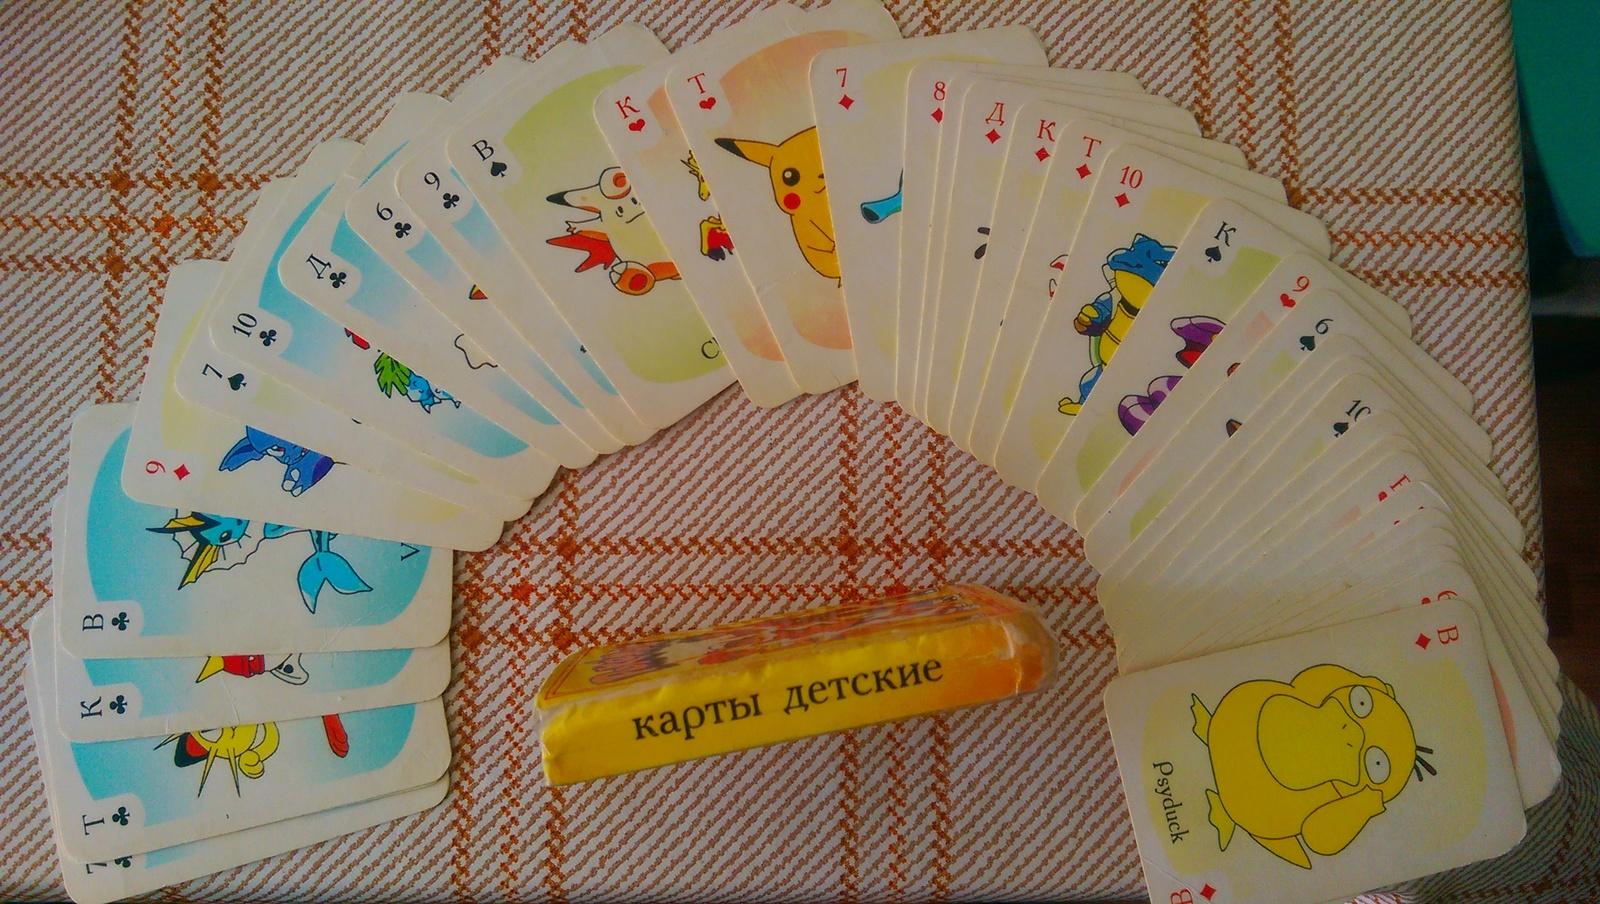 игральные играть карты детские